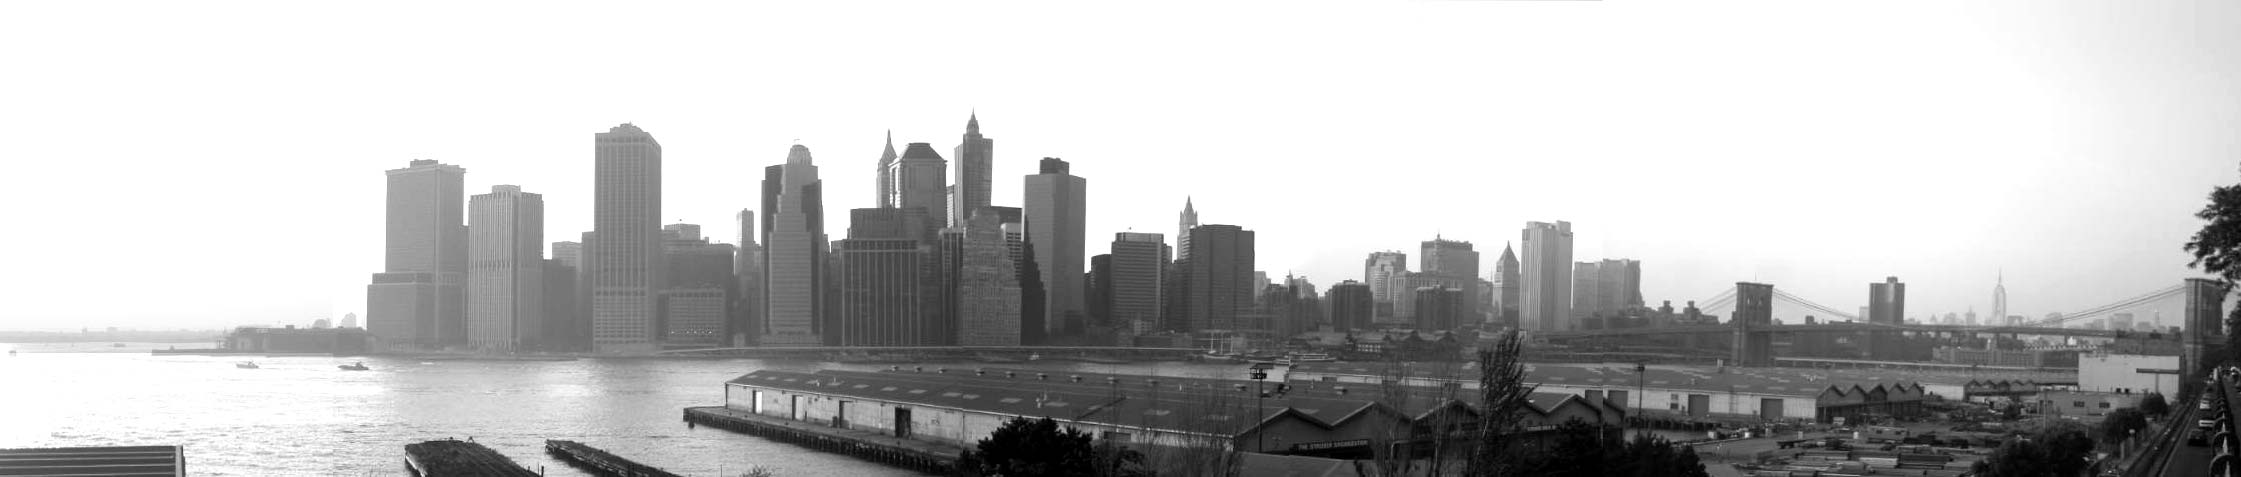 panoramica de NYC